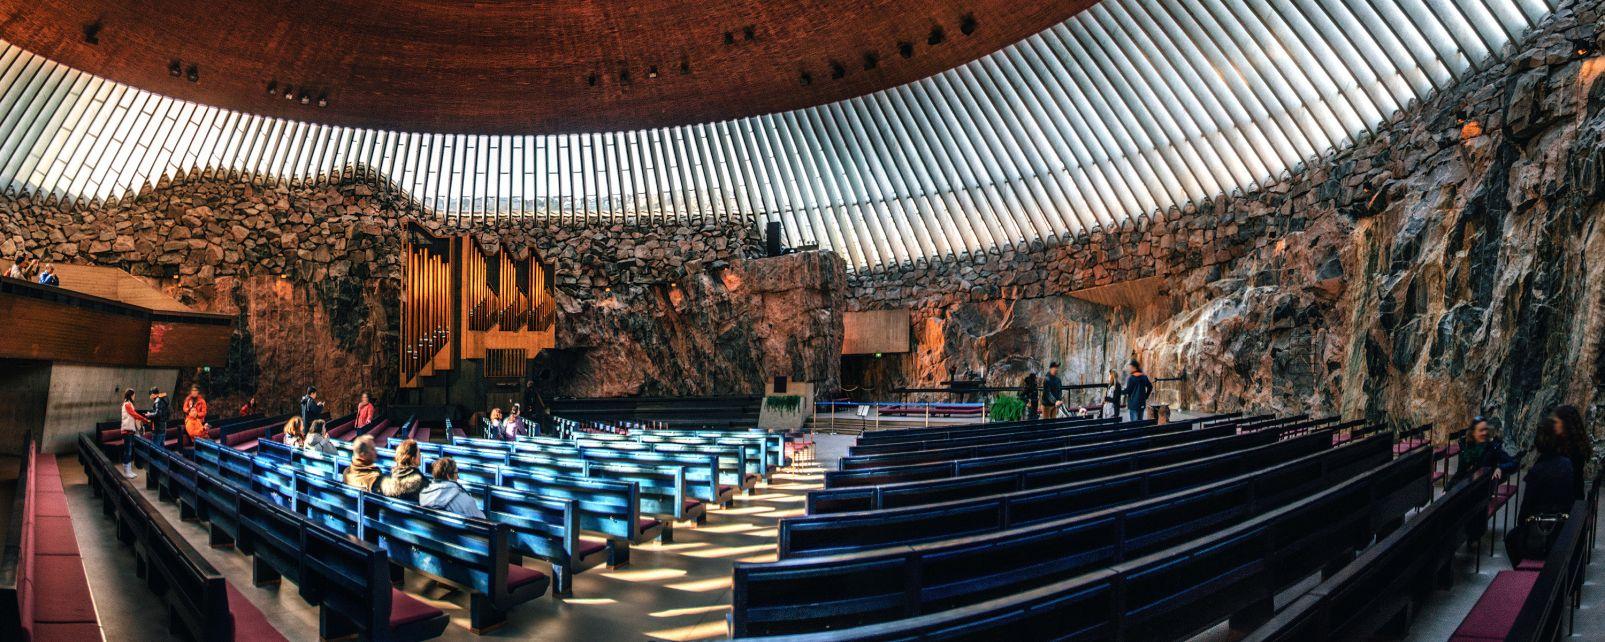 The Rock Church, Les arts et la culture, Finlande